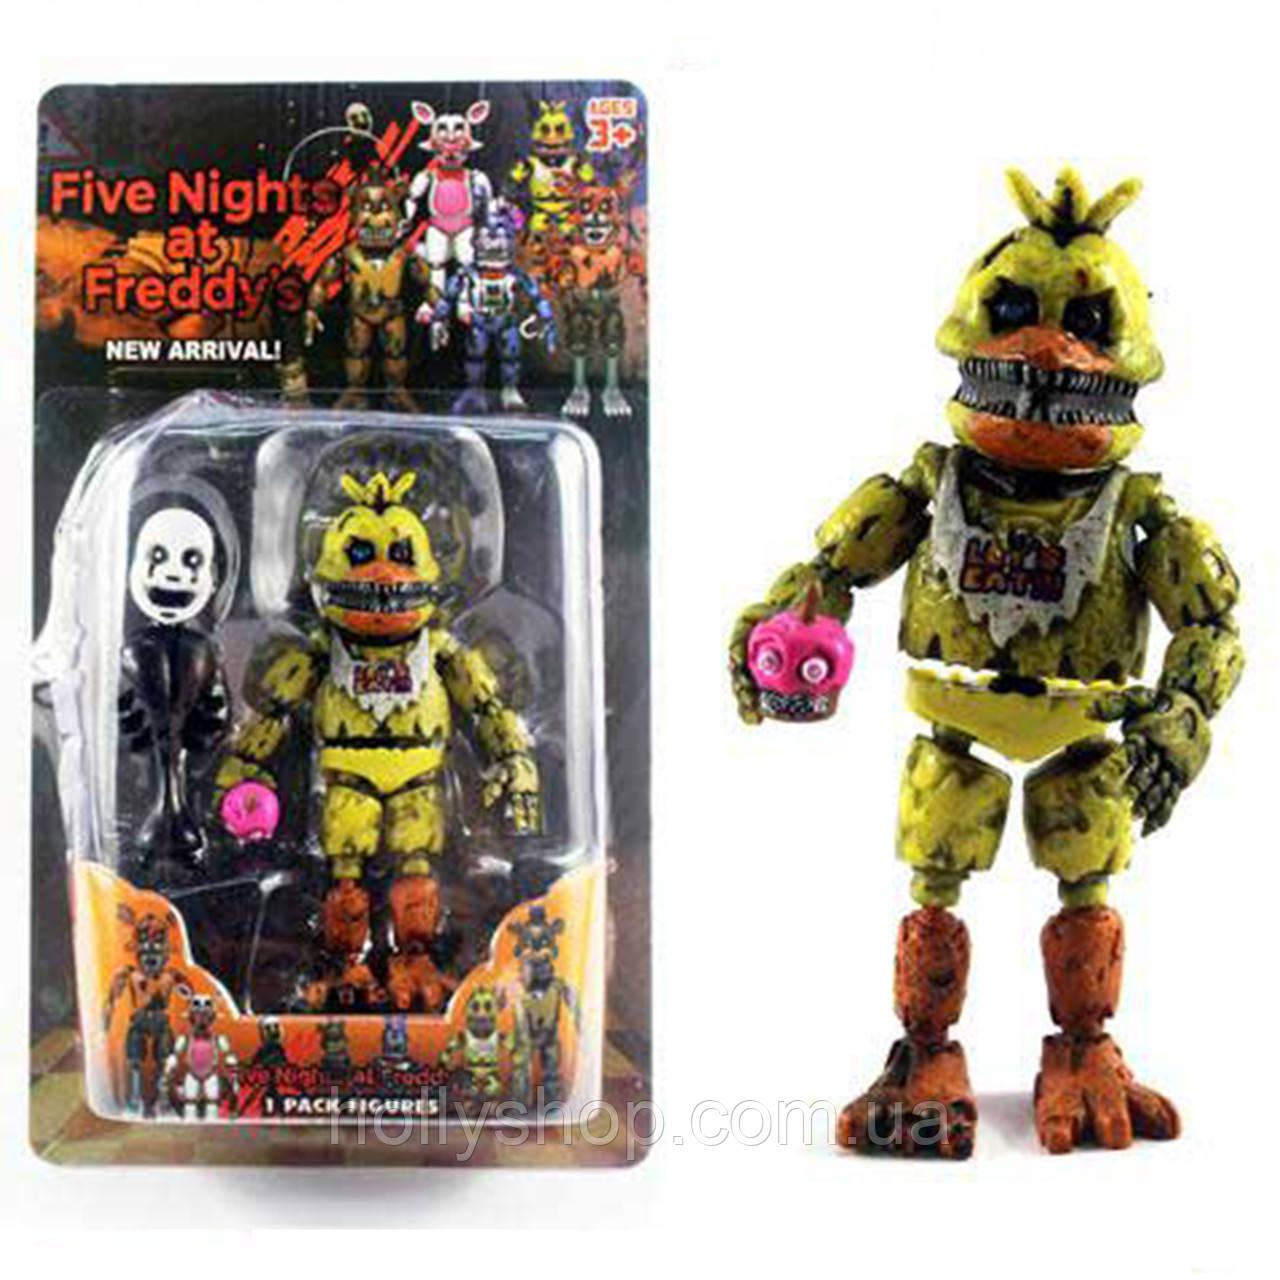 Фігурка кошмарного аніматроніка Чикка з гри П'ять Ночей з Фредді в індивідуальній упаковці ФНаФ 15см